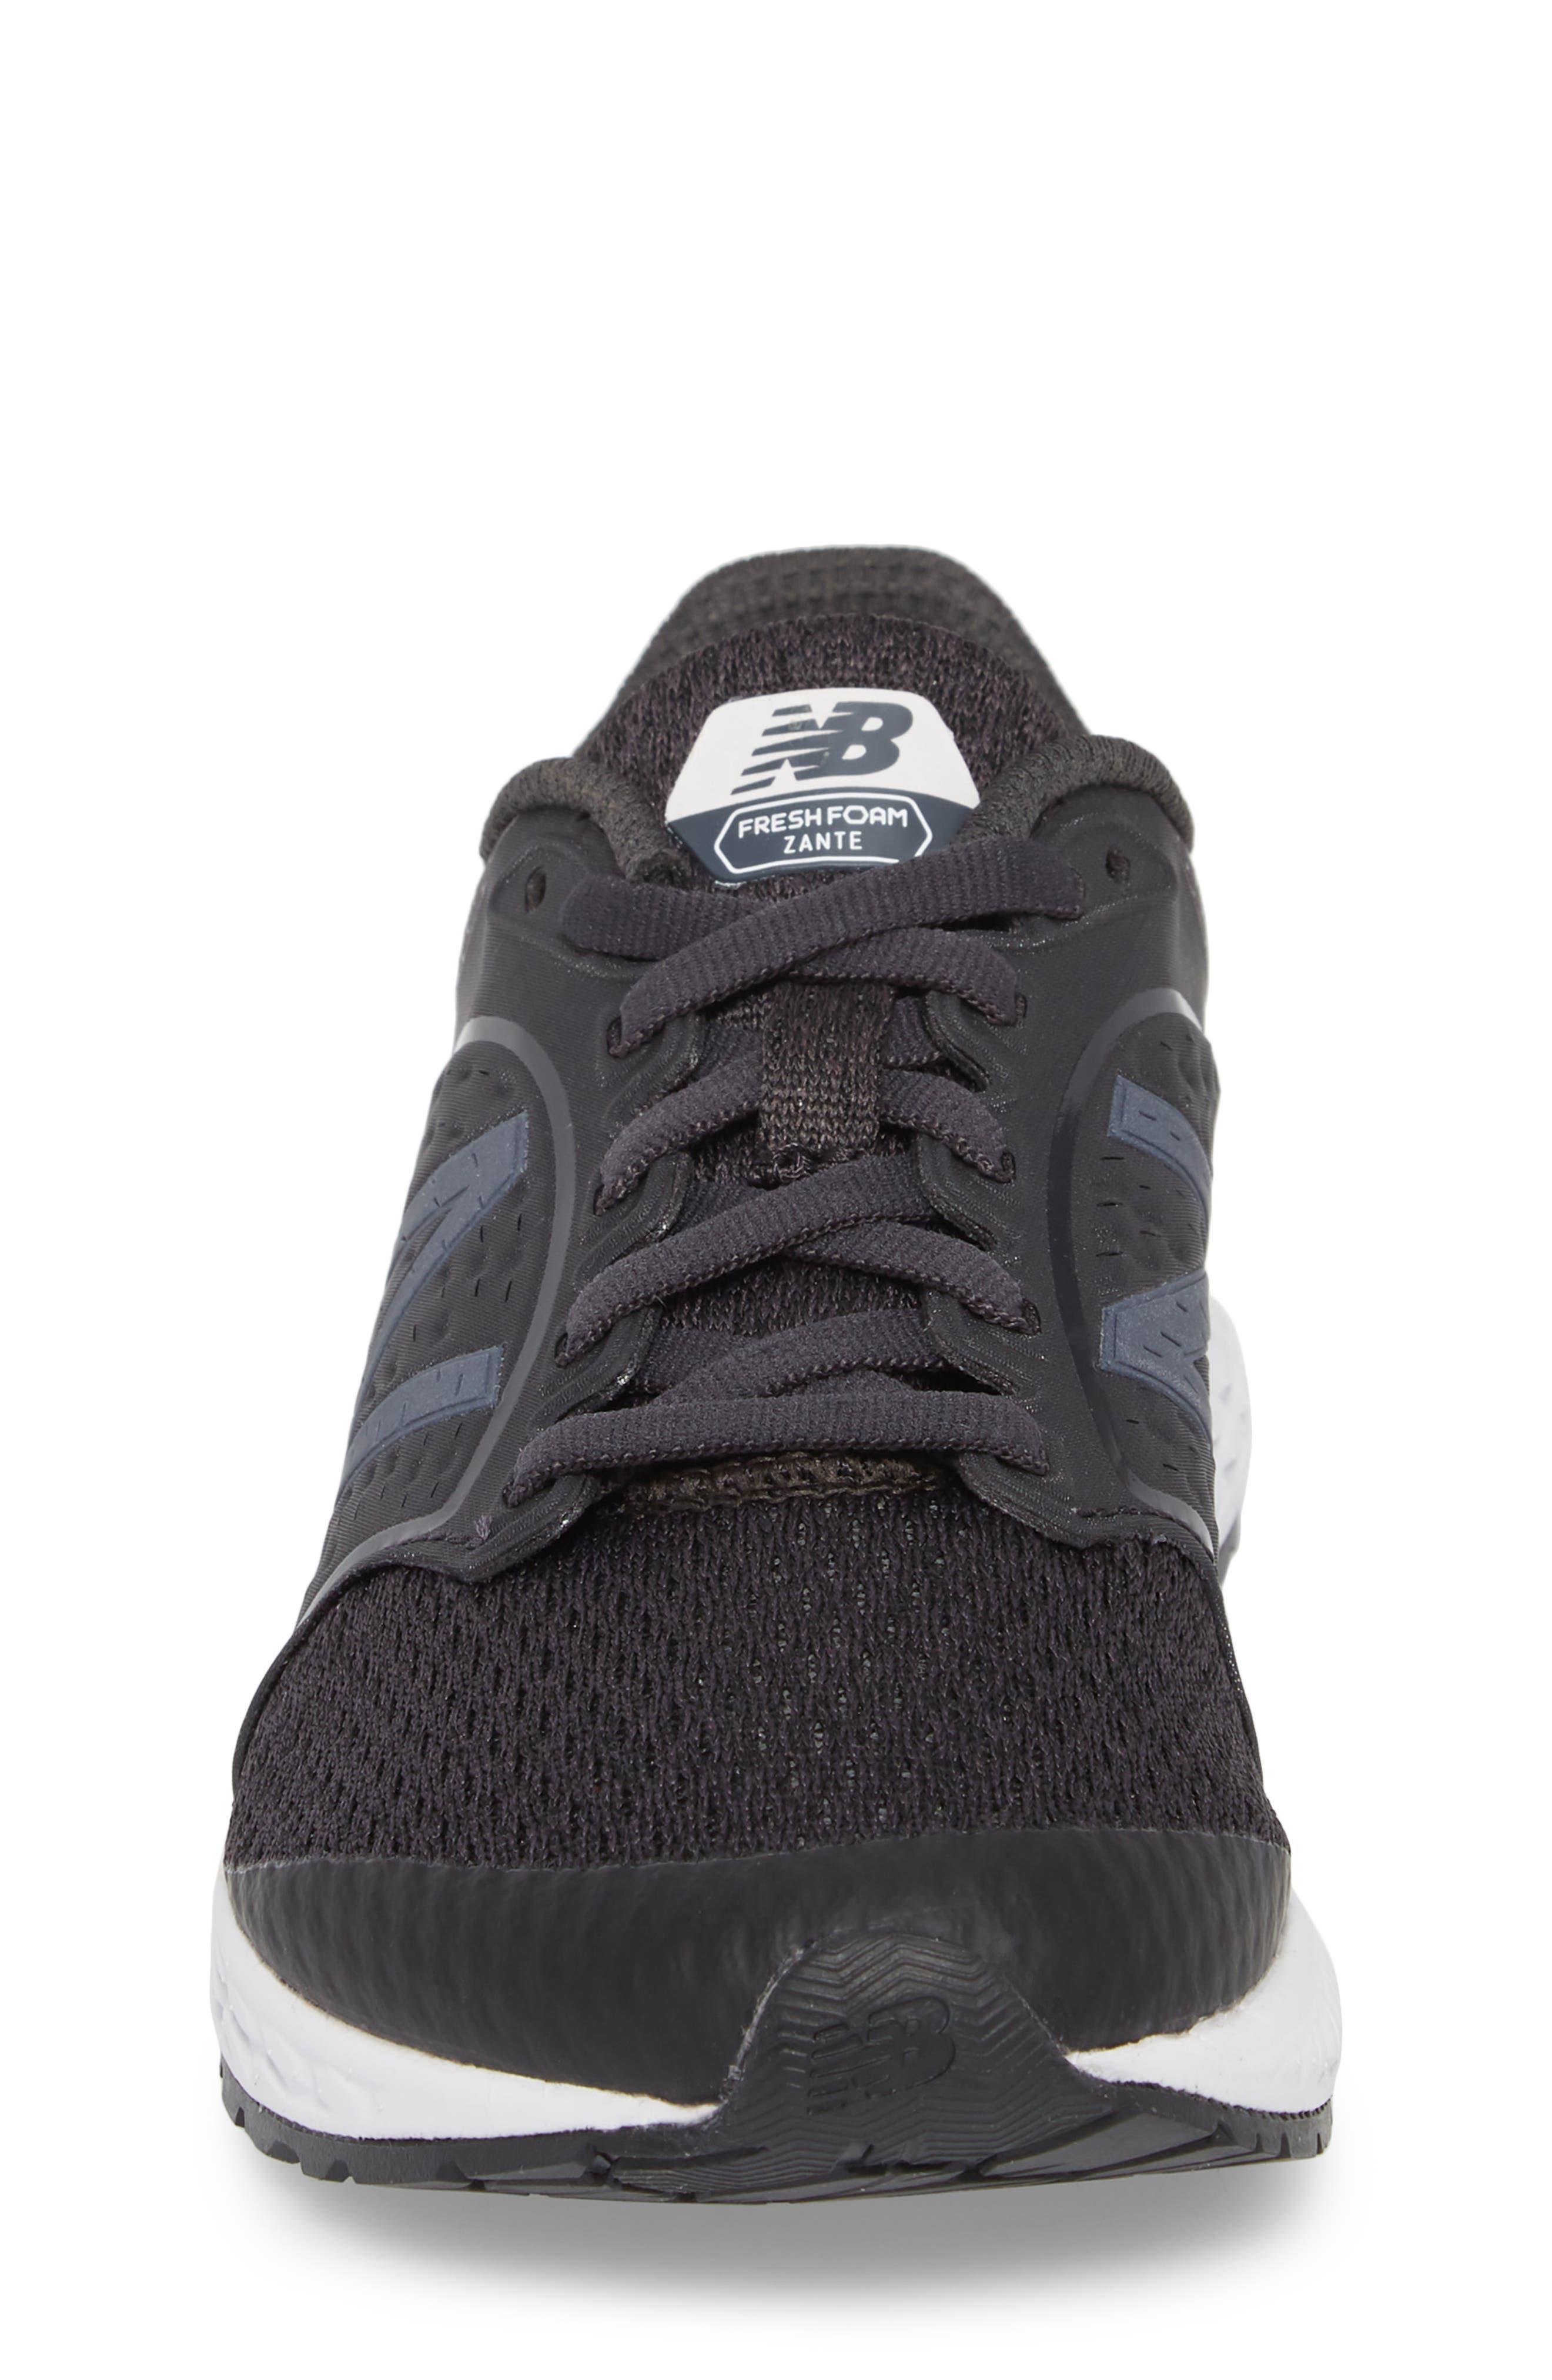 Fresh Foam Zante v4 Running Shoe,                             Alternate thumbnail 4, color,                             Black/ White